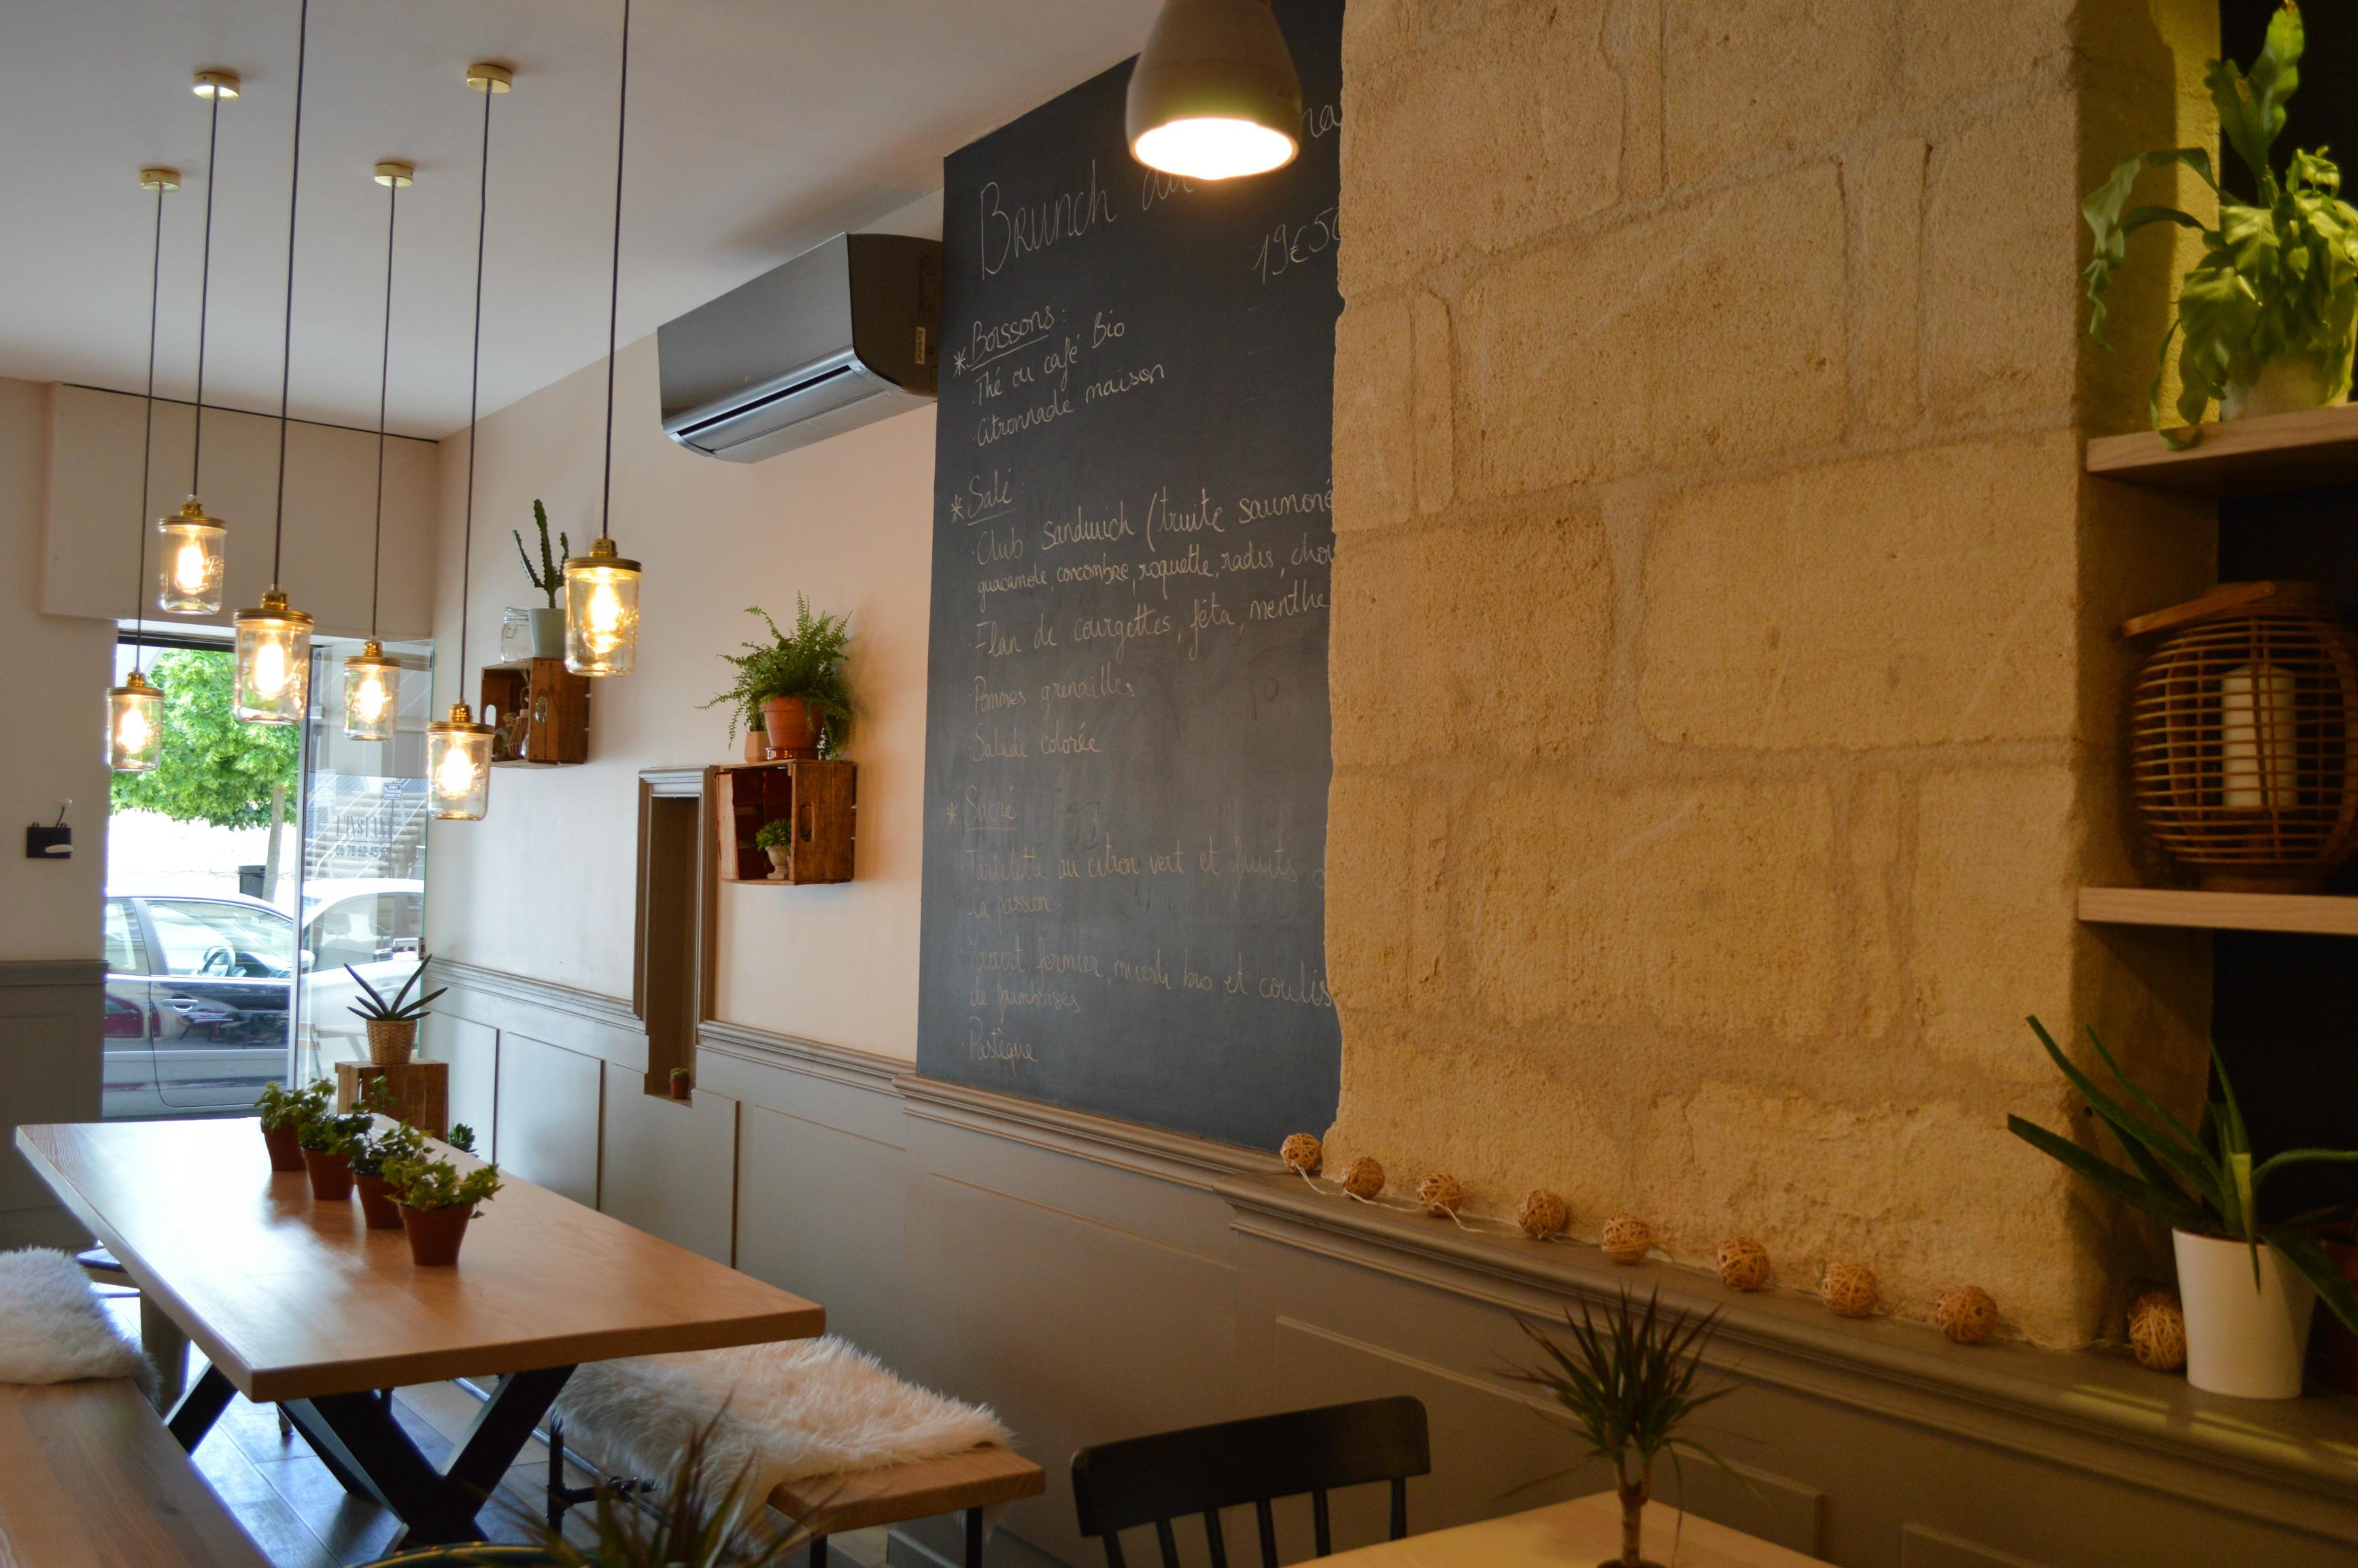 l'instant bordeaux restaurant pause déjeuner - blog Camille in Bordeaux